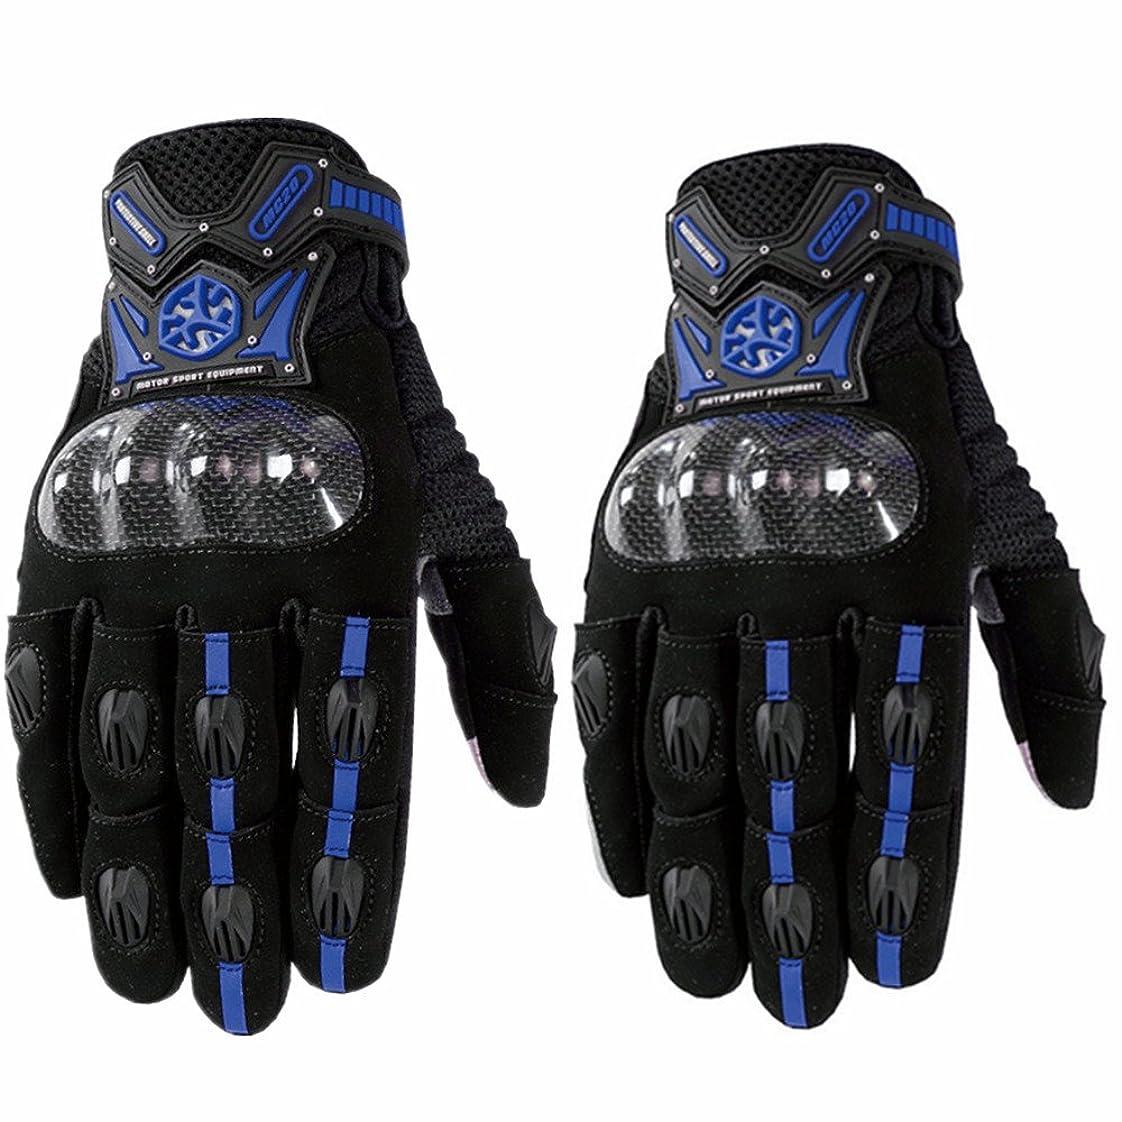 ファイルアドバンテージこしょうサイクリング用手袋 オートバイサイクリングレーシングハイキング用オートバイフルフィンガーカーボンファイバーグローブ ハイキング用手袋 (色 : 青, サイズ : XXL)